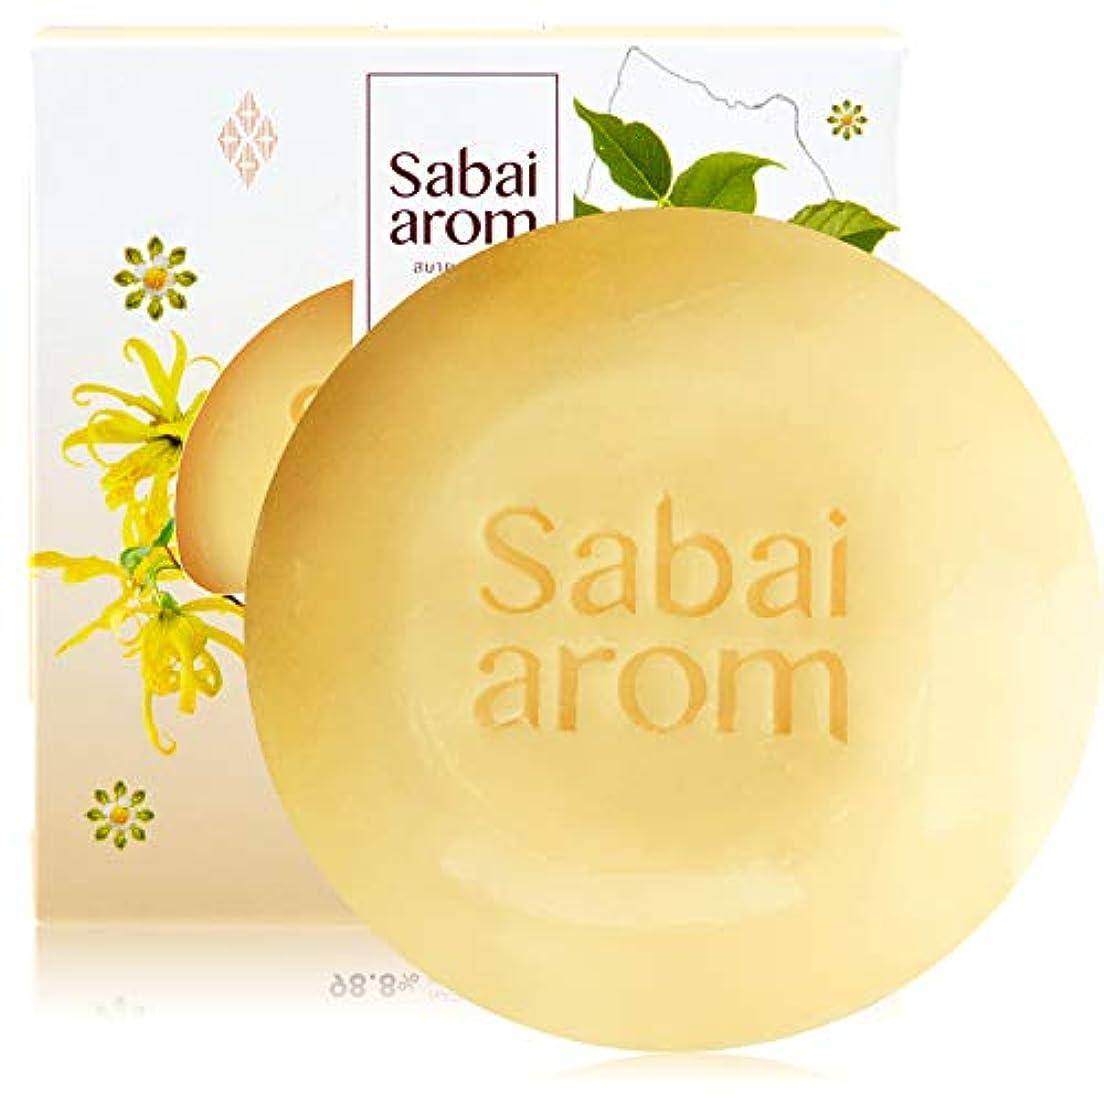 みぞれ節約八百屋さんサバイアロム(Sabai-arom) ロイヤル サイアミーズ ブロッサムズ フェイス&ボディソープバー (石鹸) 100g【SB】【001】